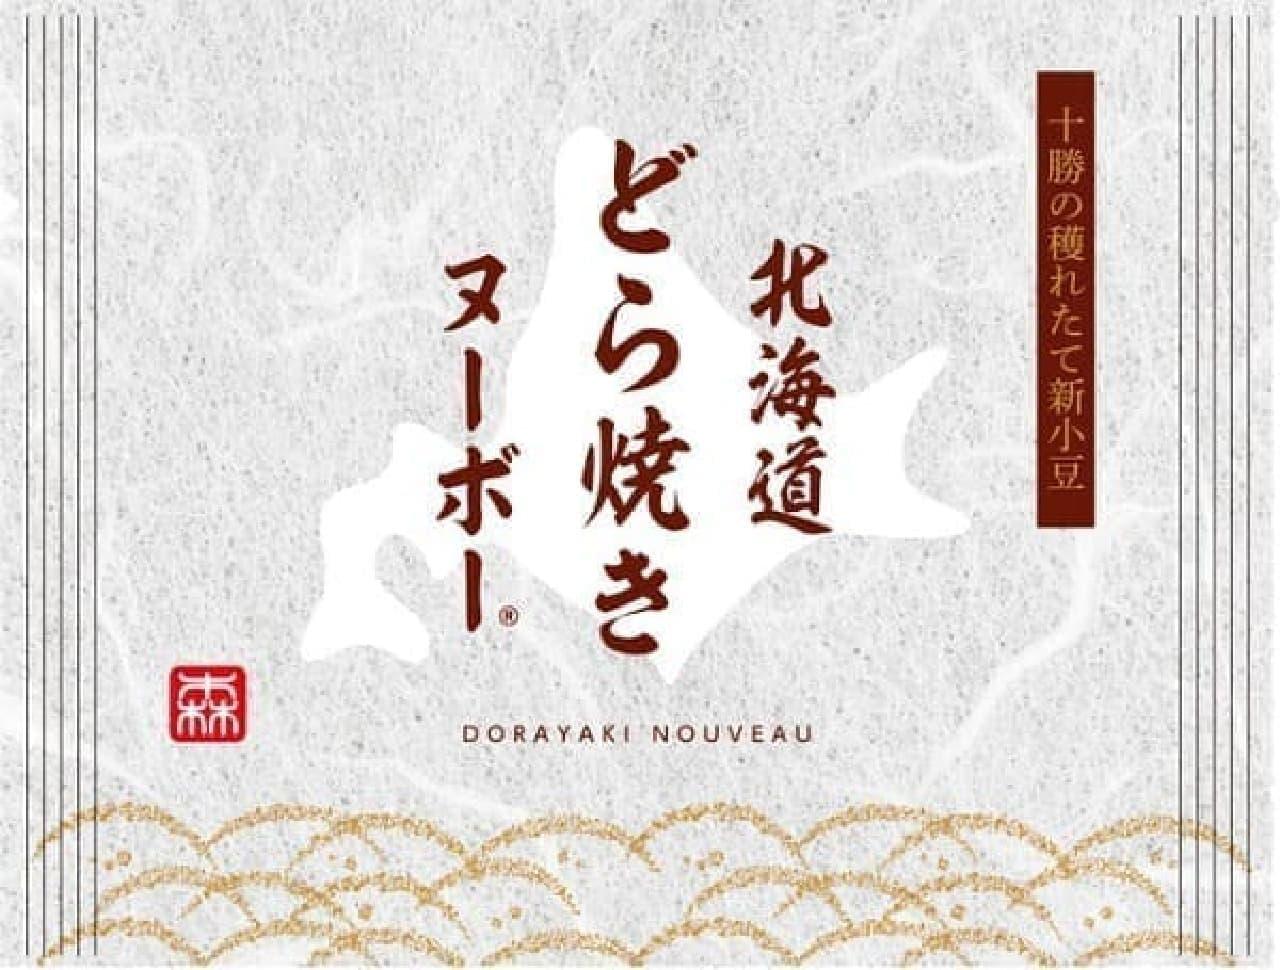 もりもと「どら焼きヌーボー」北海道外の催事で販売予定の限定パッケージ